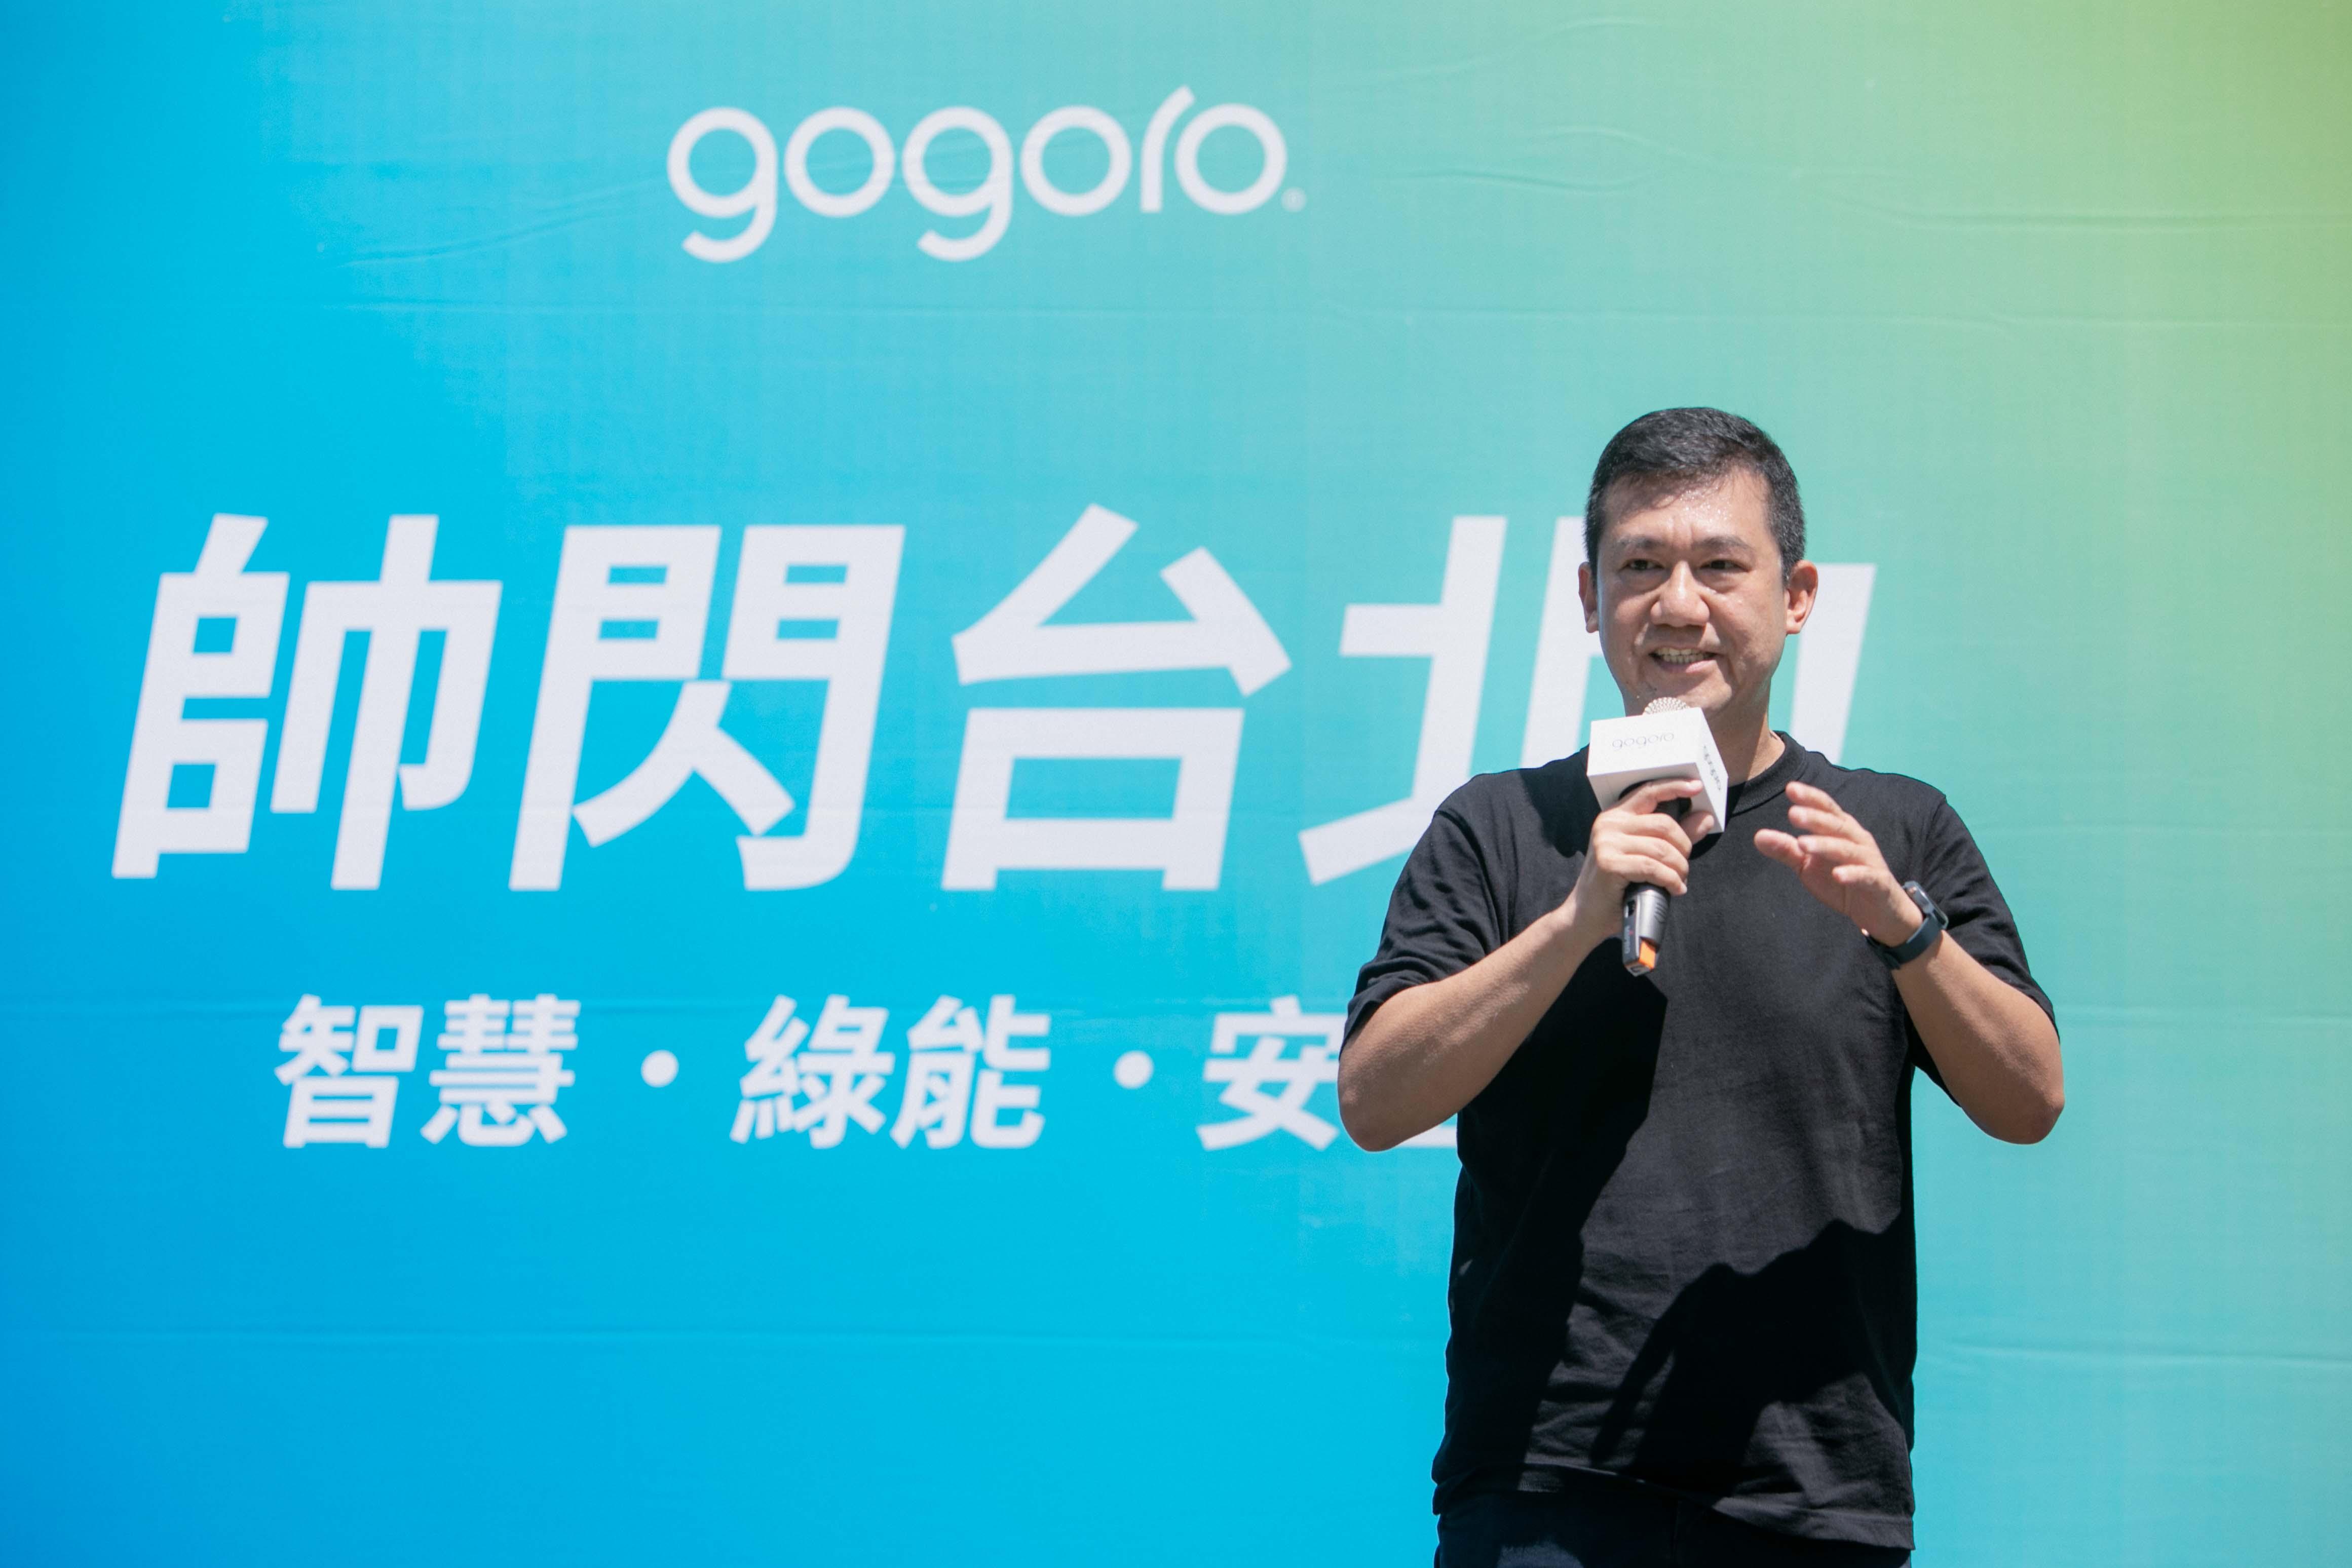 【有影】Gogoro打造能源服務護城河 郭錦程:年底換電站投資將達百億